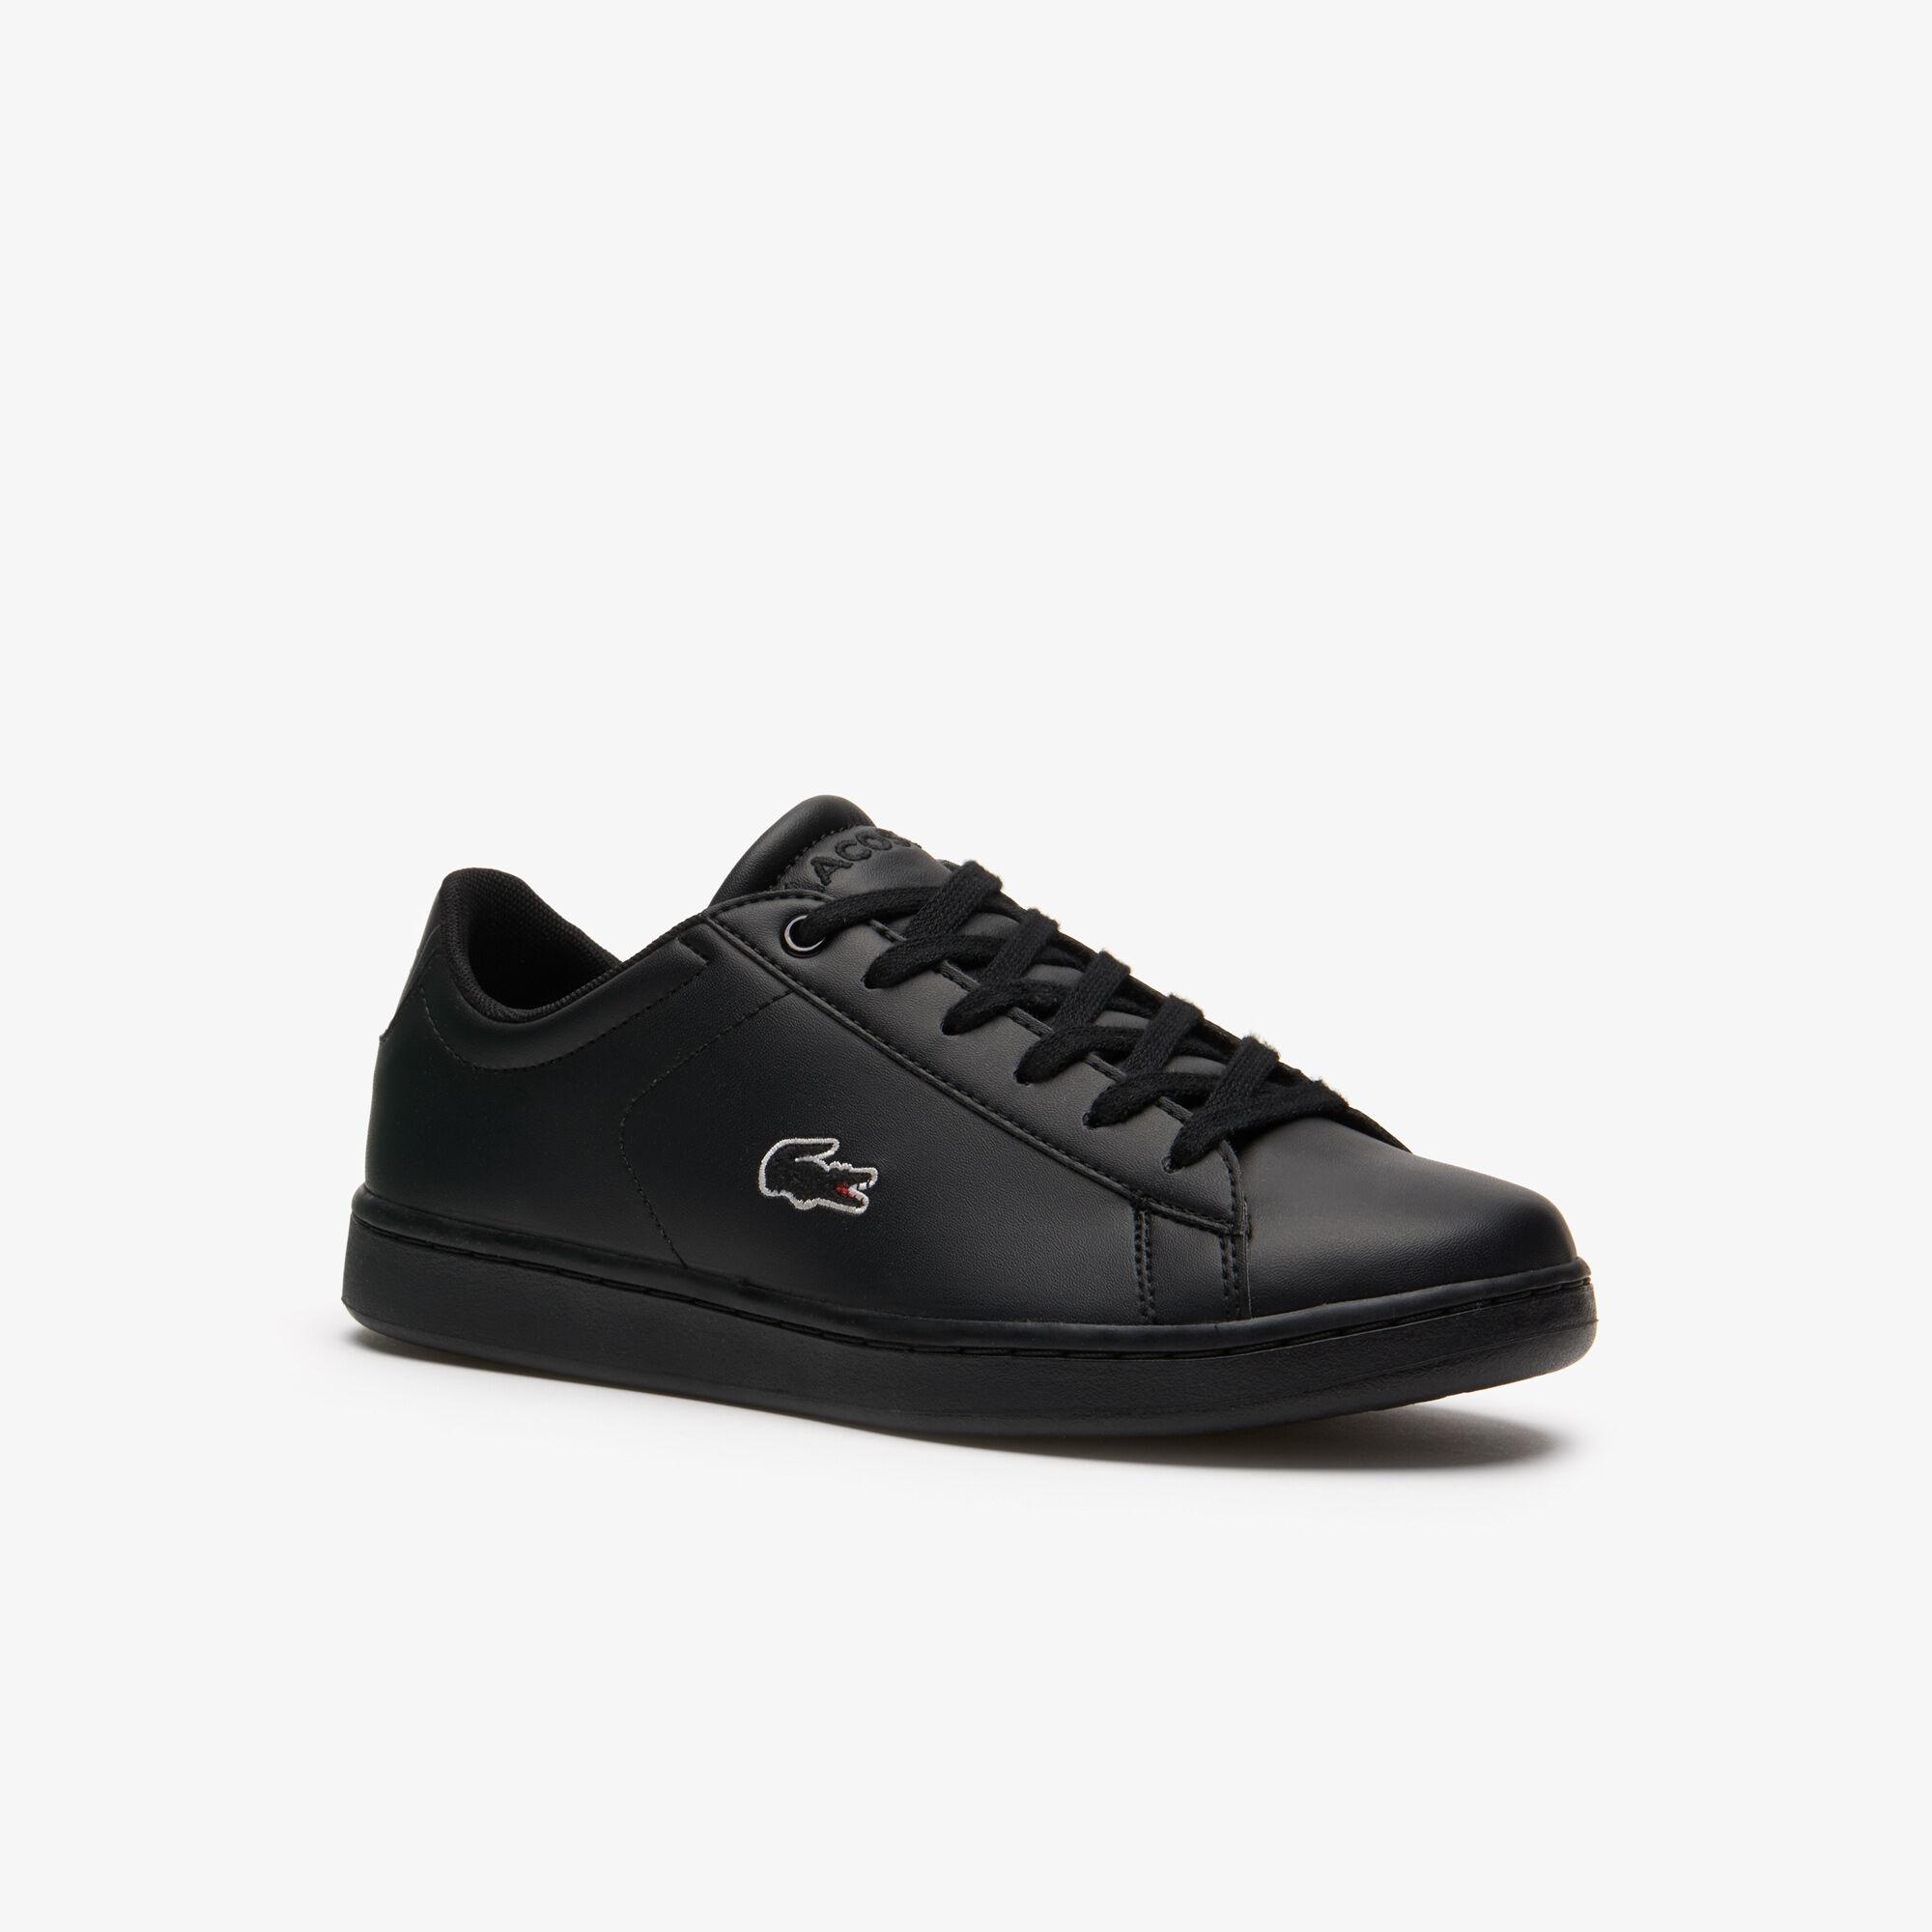 حذاء رياضي بأربطة من مواد صناعية وبطانة شبكية مجموعة Carnaby Evo للصغار